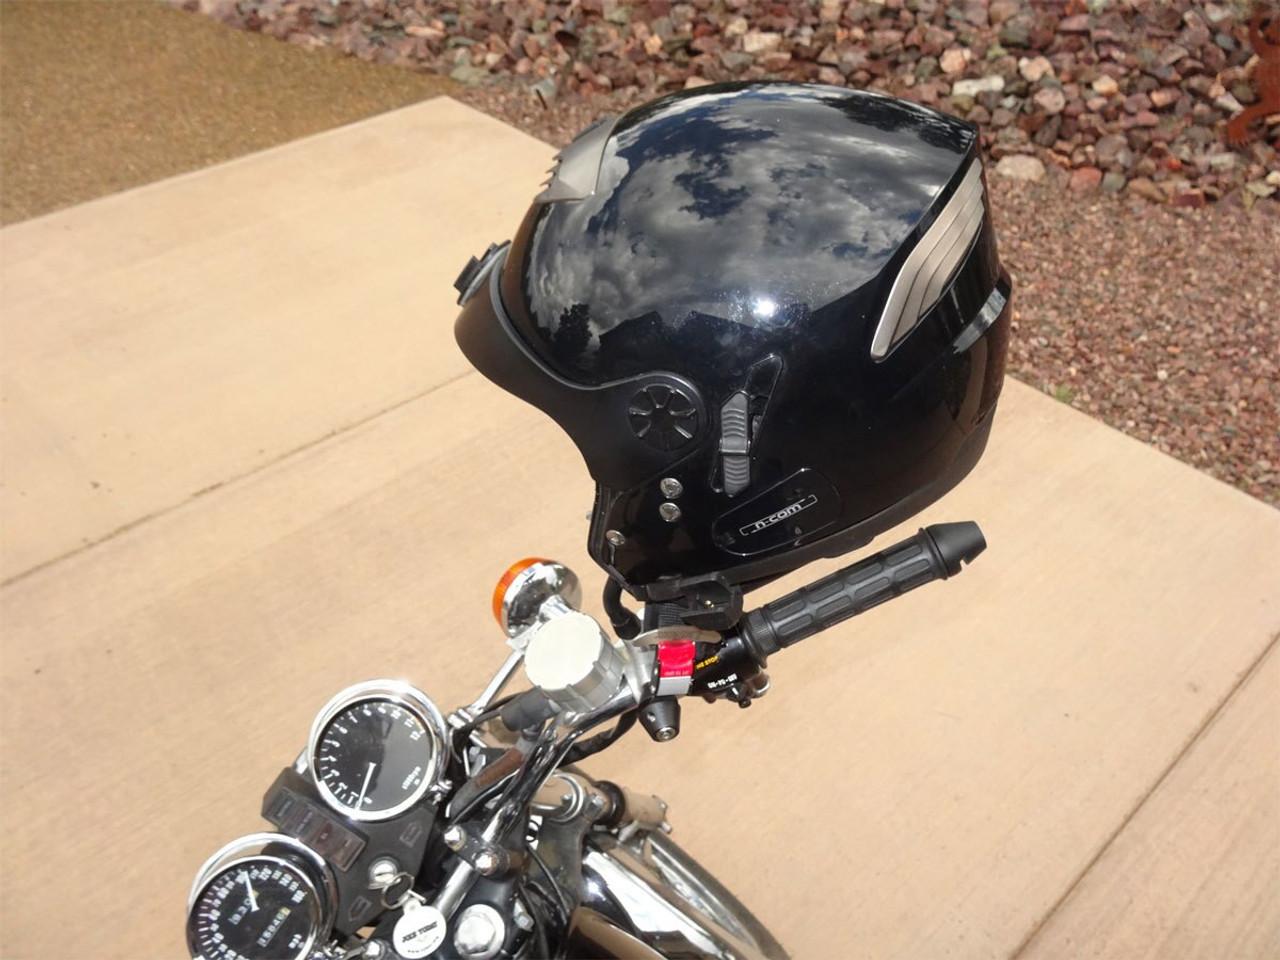 2004-B, Lidlox Helmet Lock Pair for Metric Motorcycles, Black.